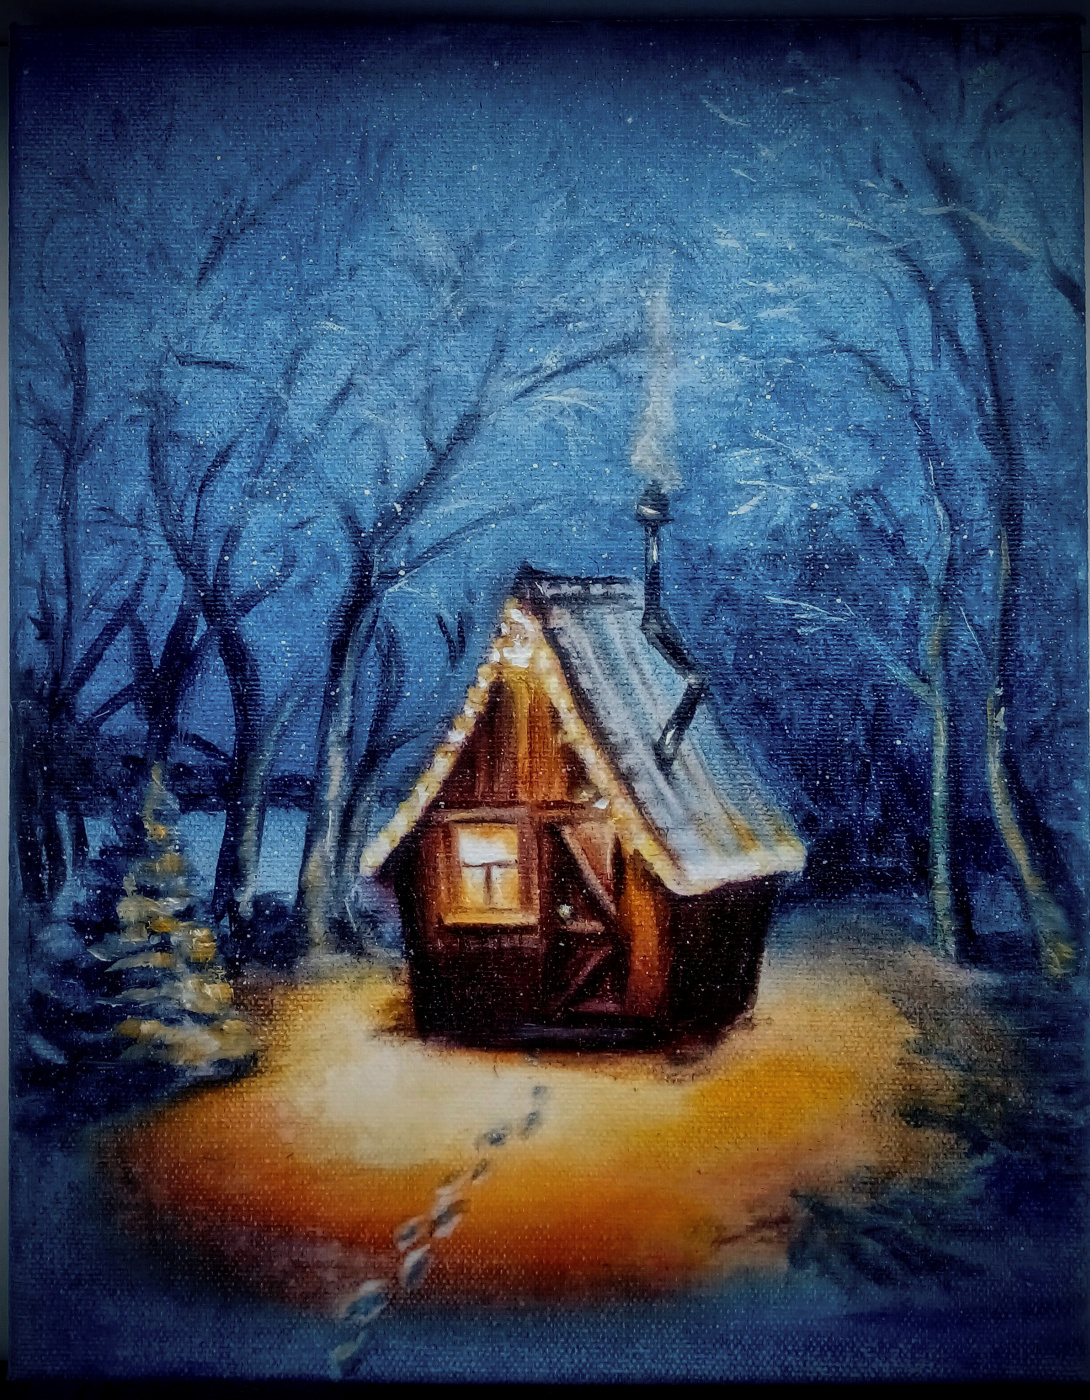 Tatiana Borisovna Gritsova. Small house